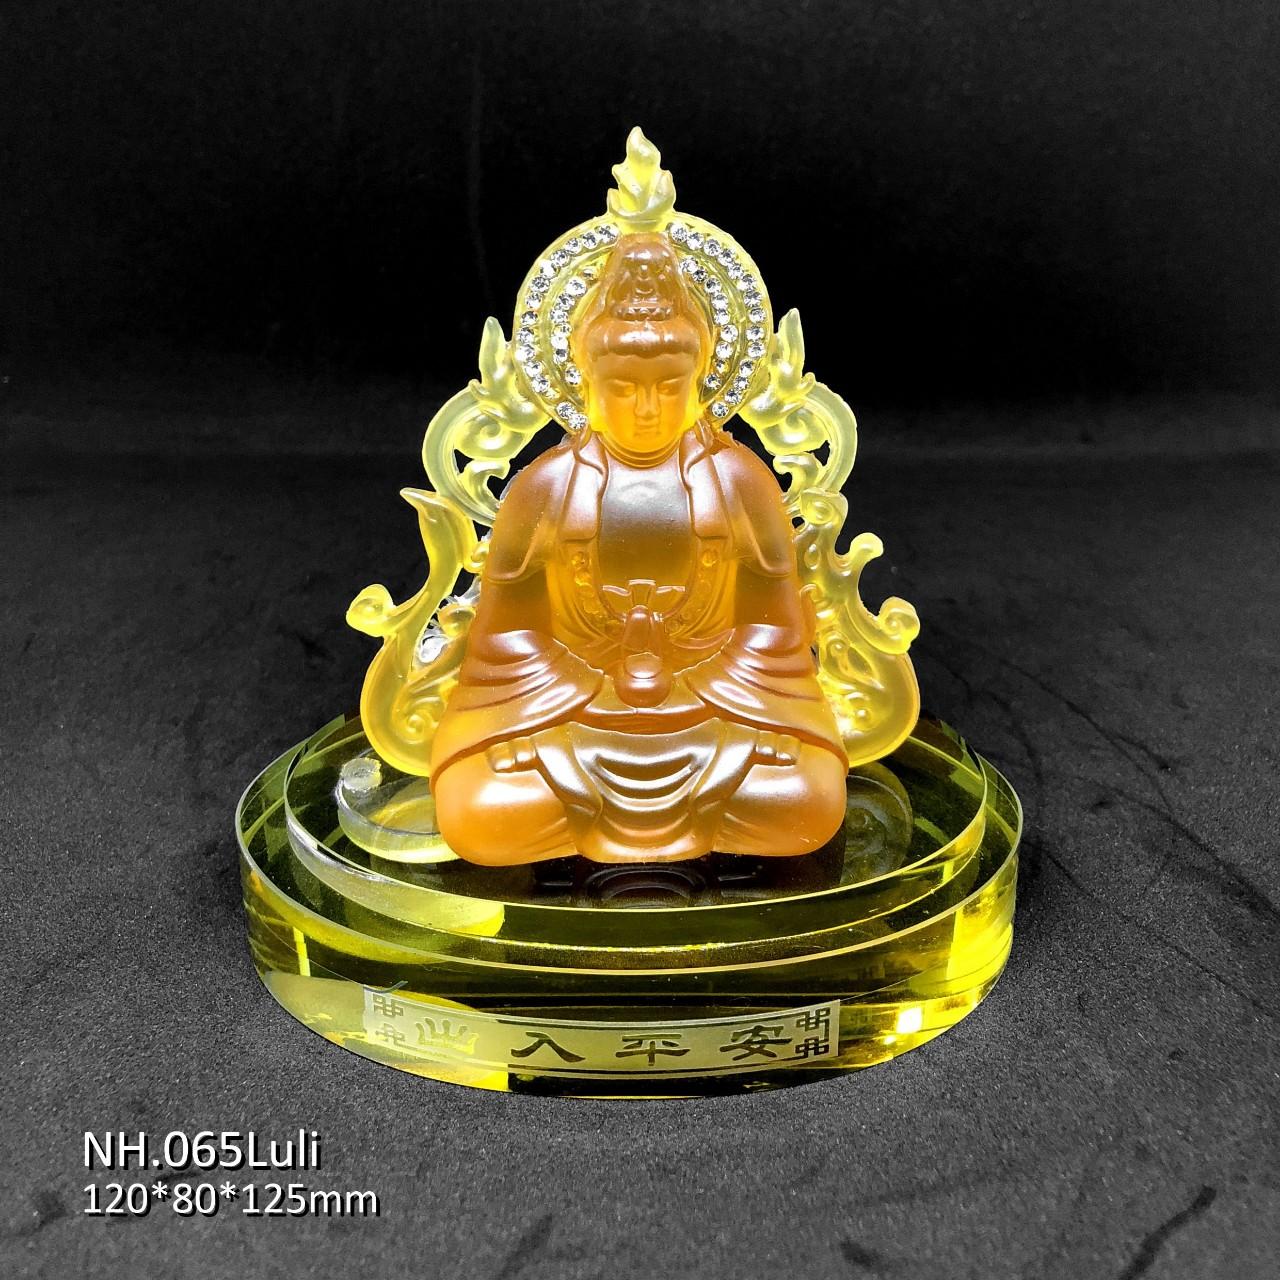 Phong thủy - Phật NH065Luli 120x80x125mm giá sỉ và lẻ rẻ nhất